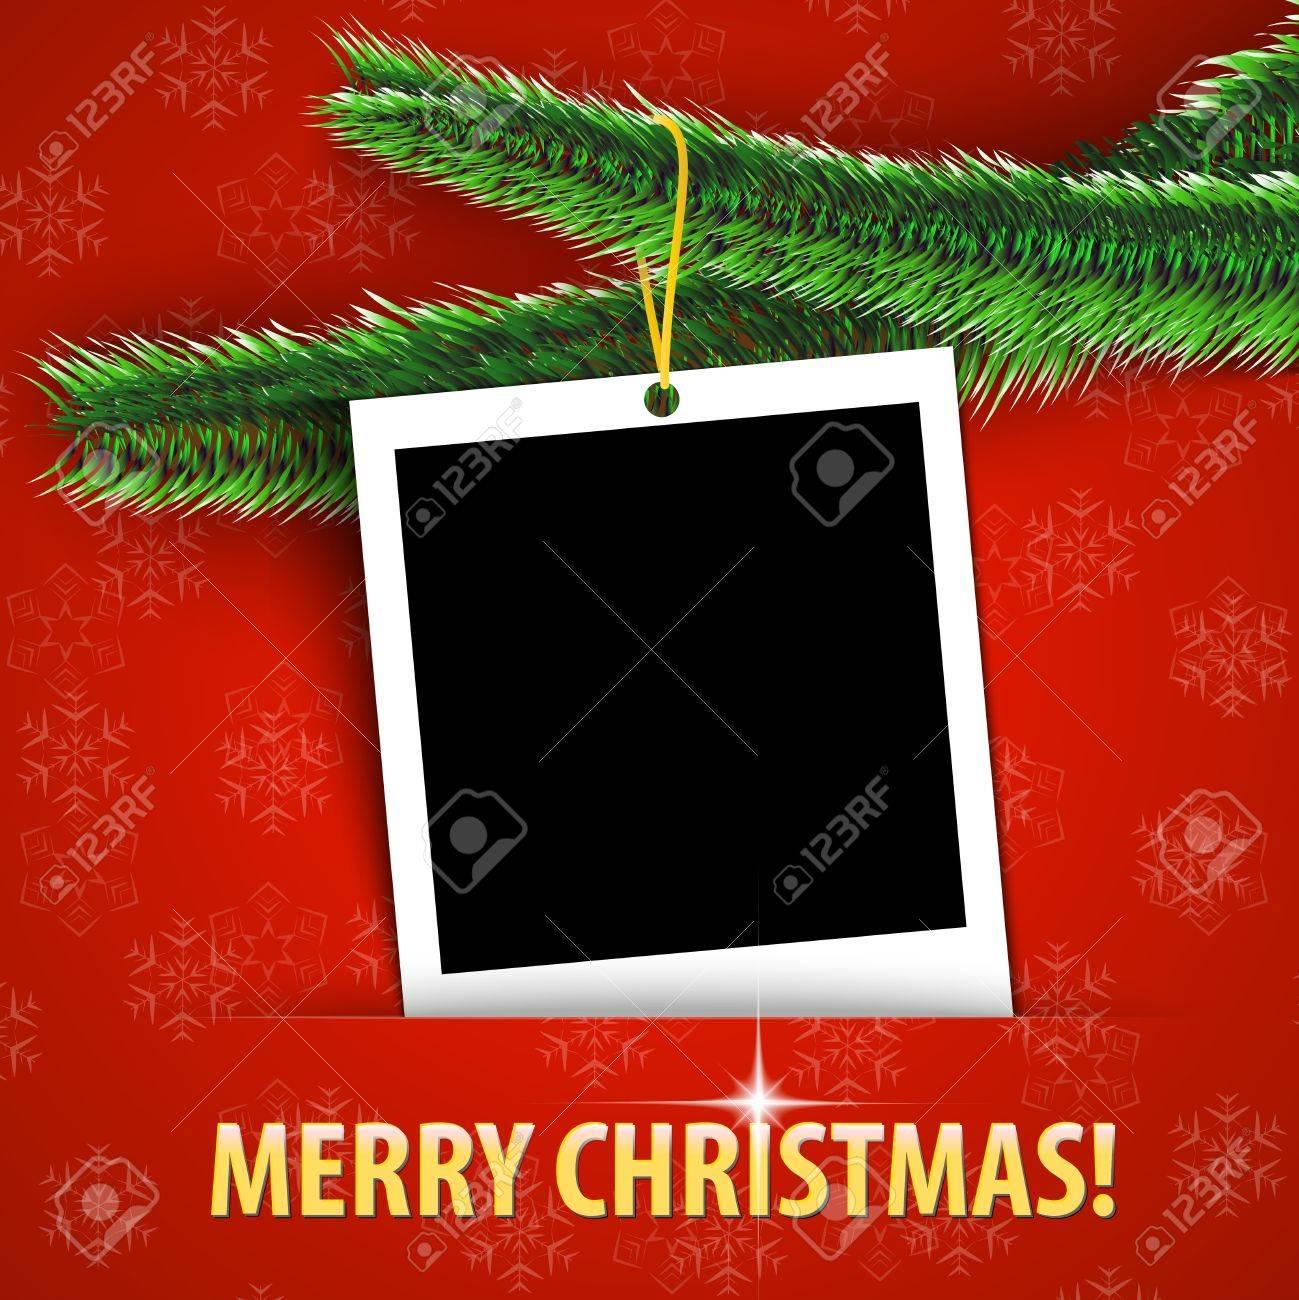 Frohe Weihnachten Grusskarte Mit Leeren Bilderrahmen Hängen Auf ...